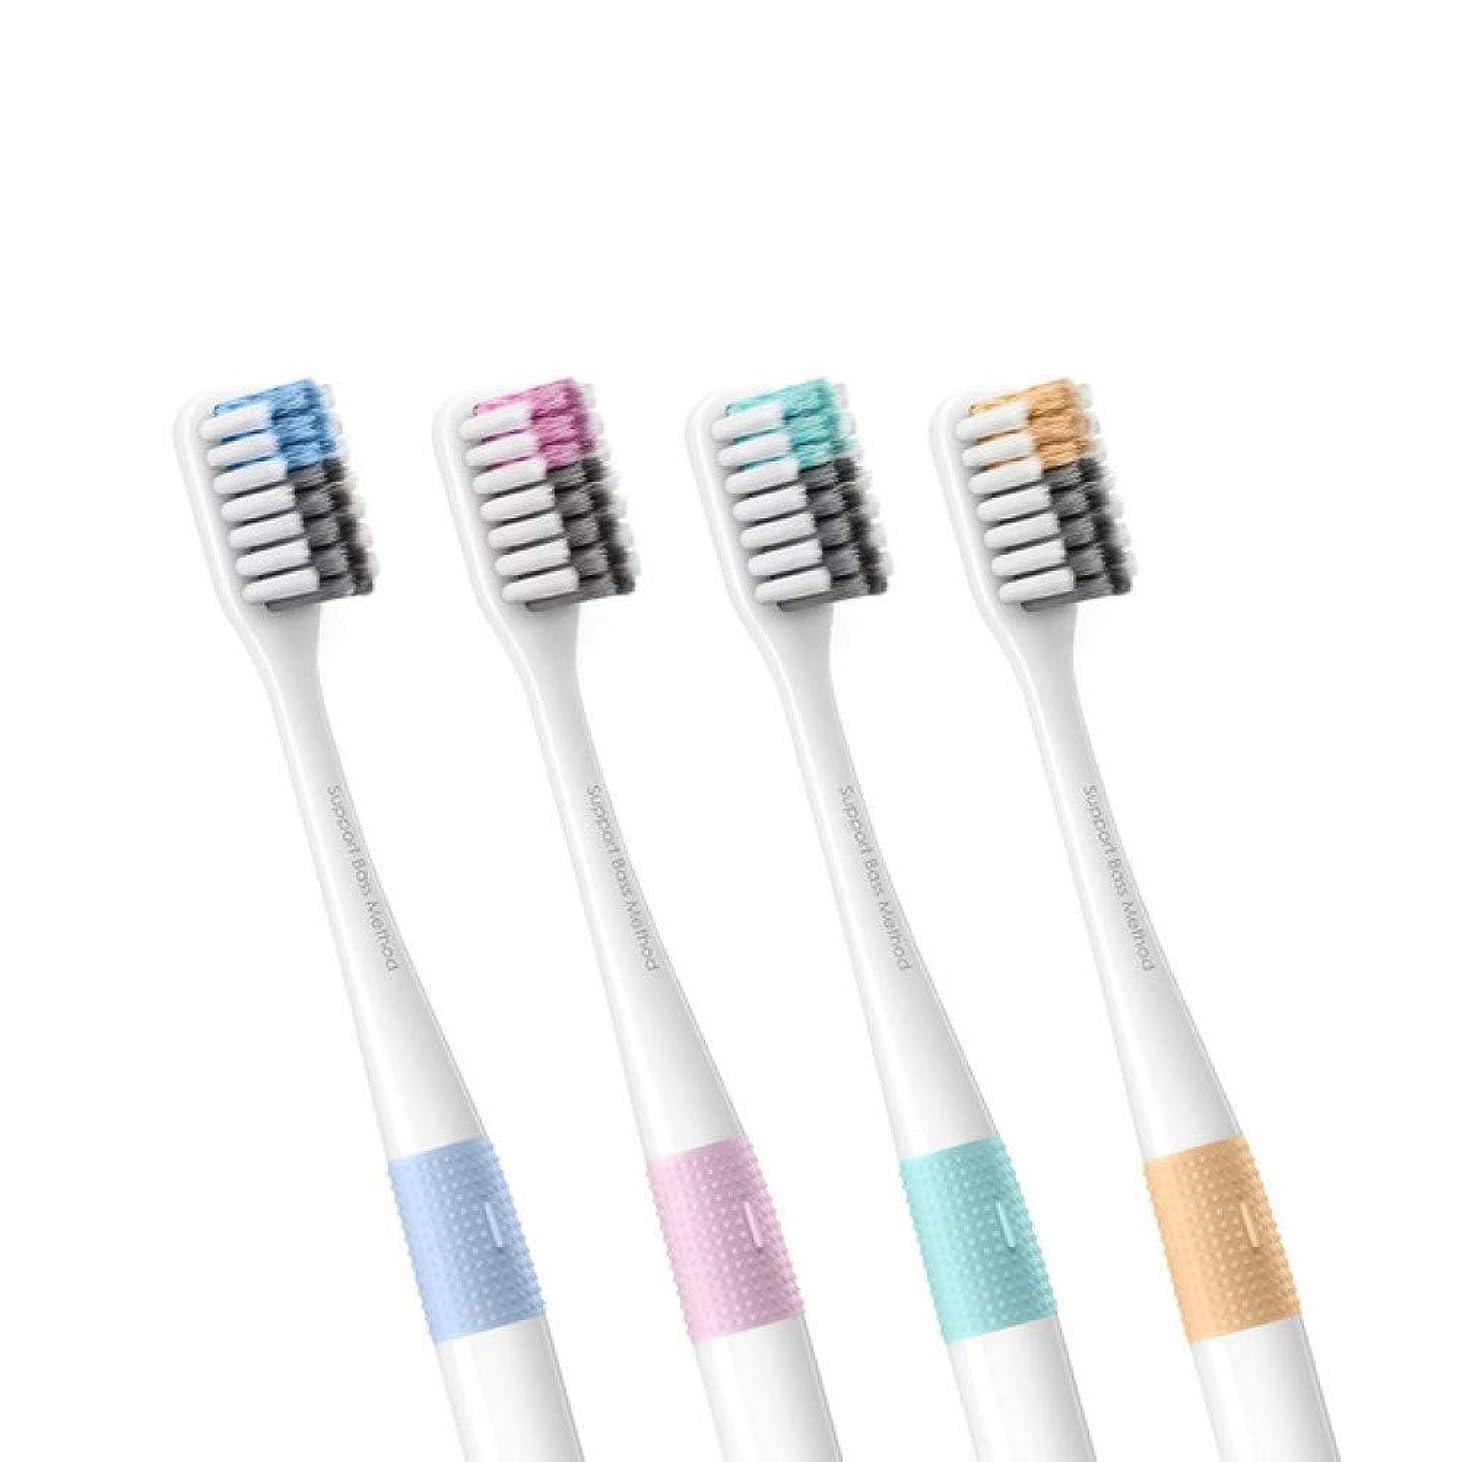 膨らみ慢性的女将歯ブラシポータブルデンタルケア歯ブラシ口腔衛生歯ブラシソフトディープクリーニングスマートホーム、